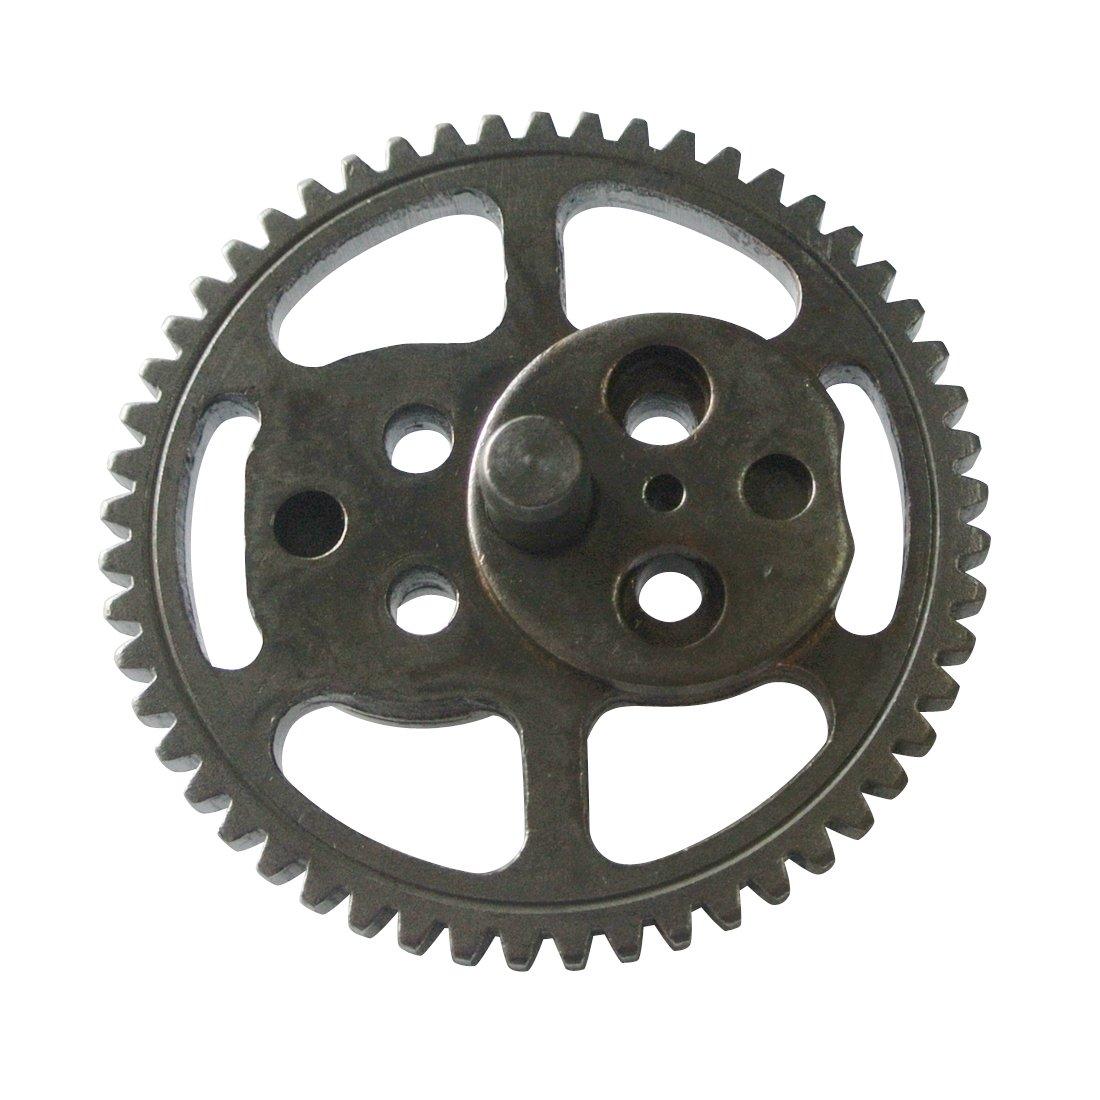 New Spur Gear Wheel Fit STIHL HS81 HS81R HS81T HS86 HS86R HS86T Hedge Trimmer 53T